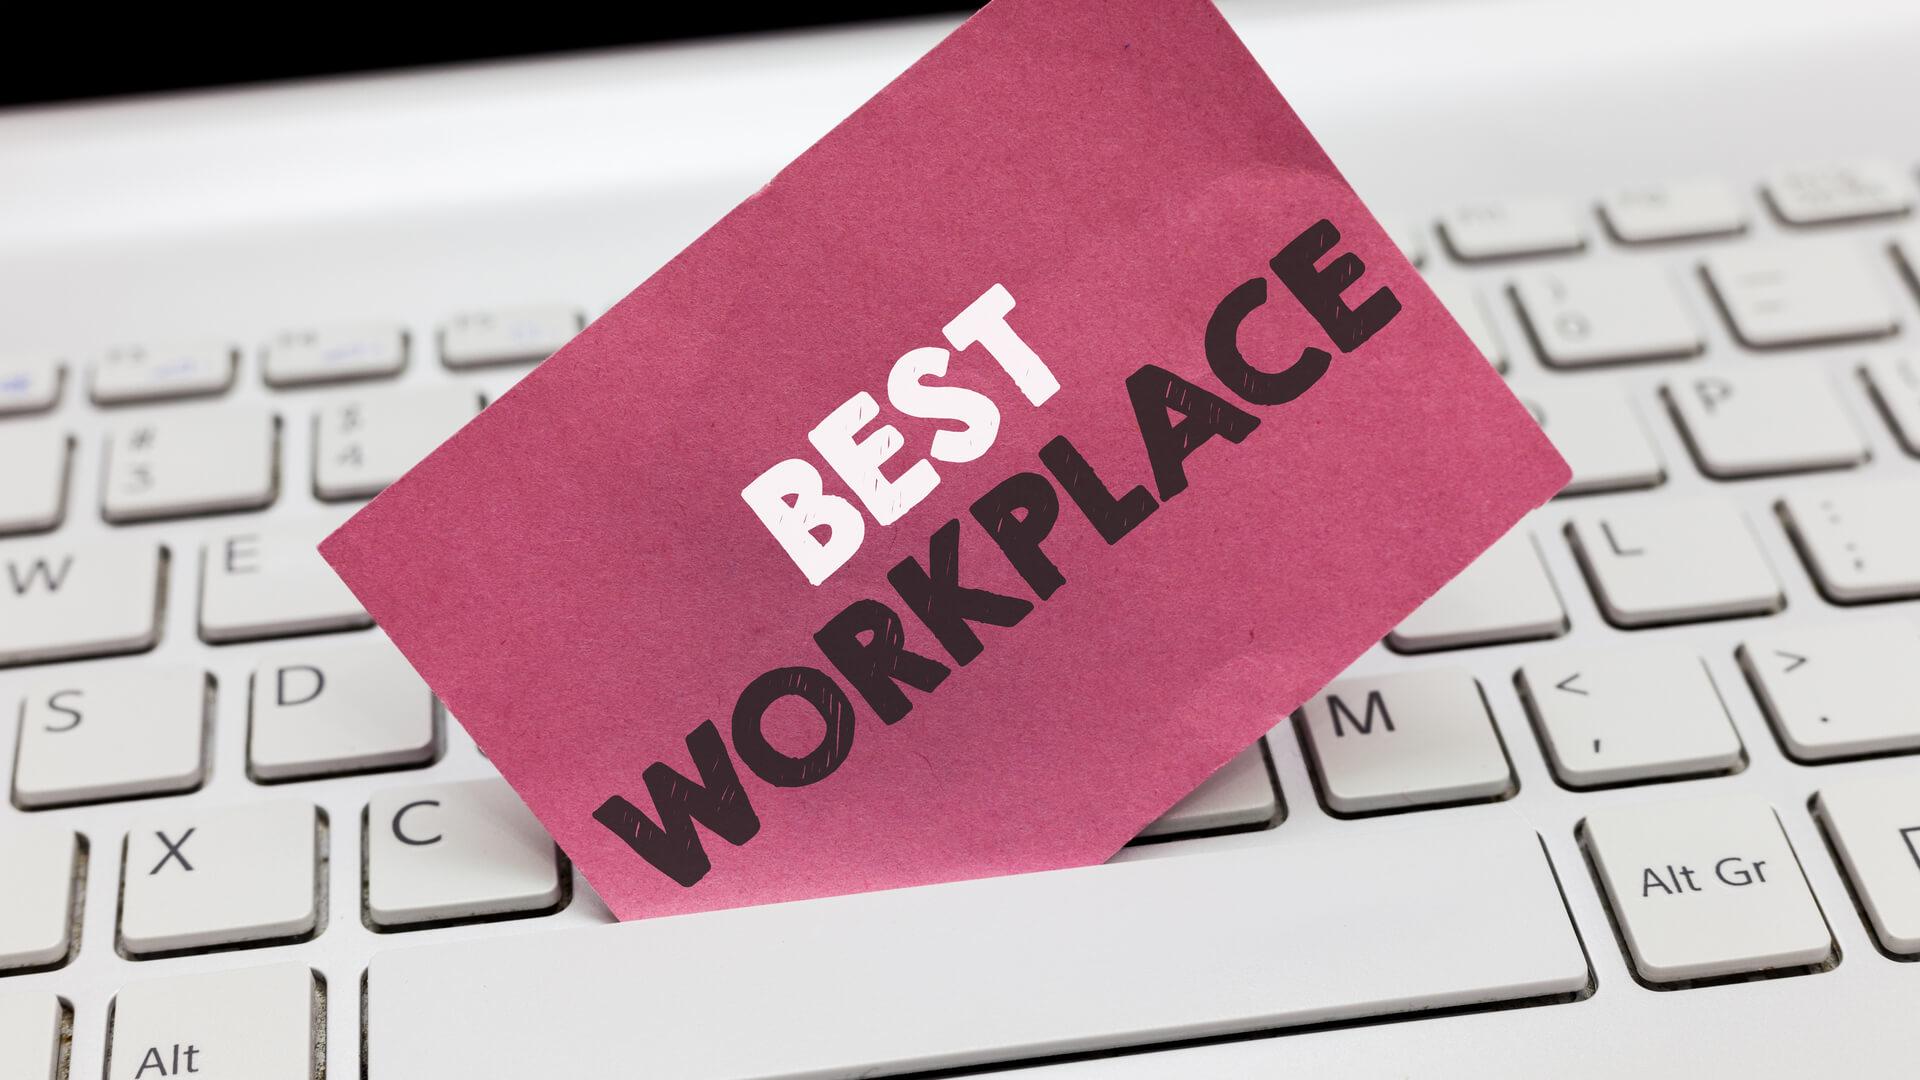 6 consigli per migliorare l'employer branding